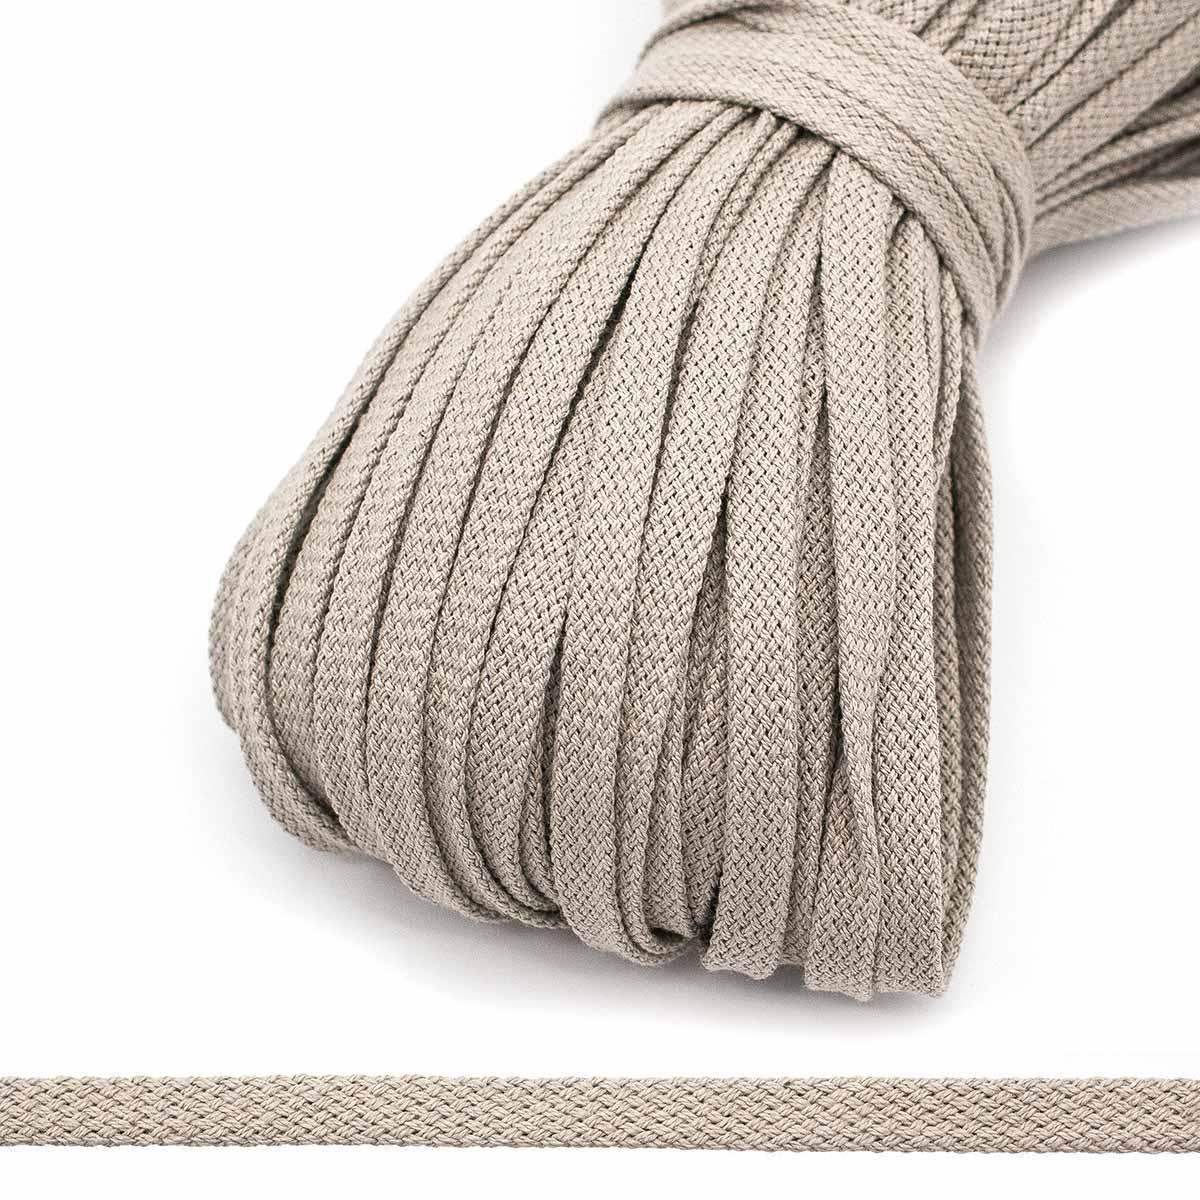 р6640 Шнур плетеный 9мм*100м, (хлопок 100%)